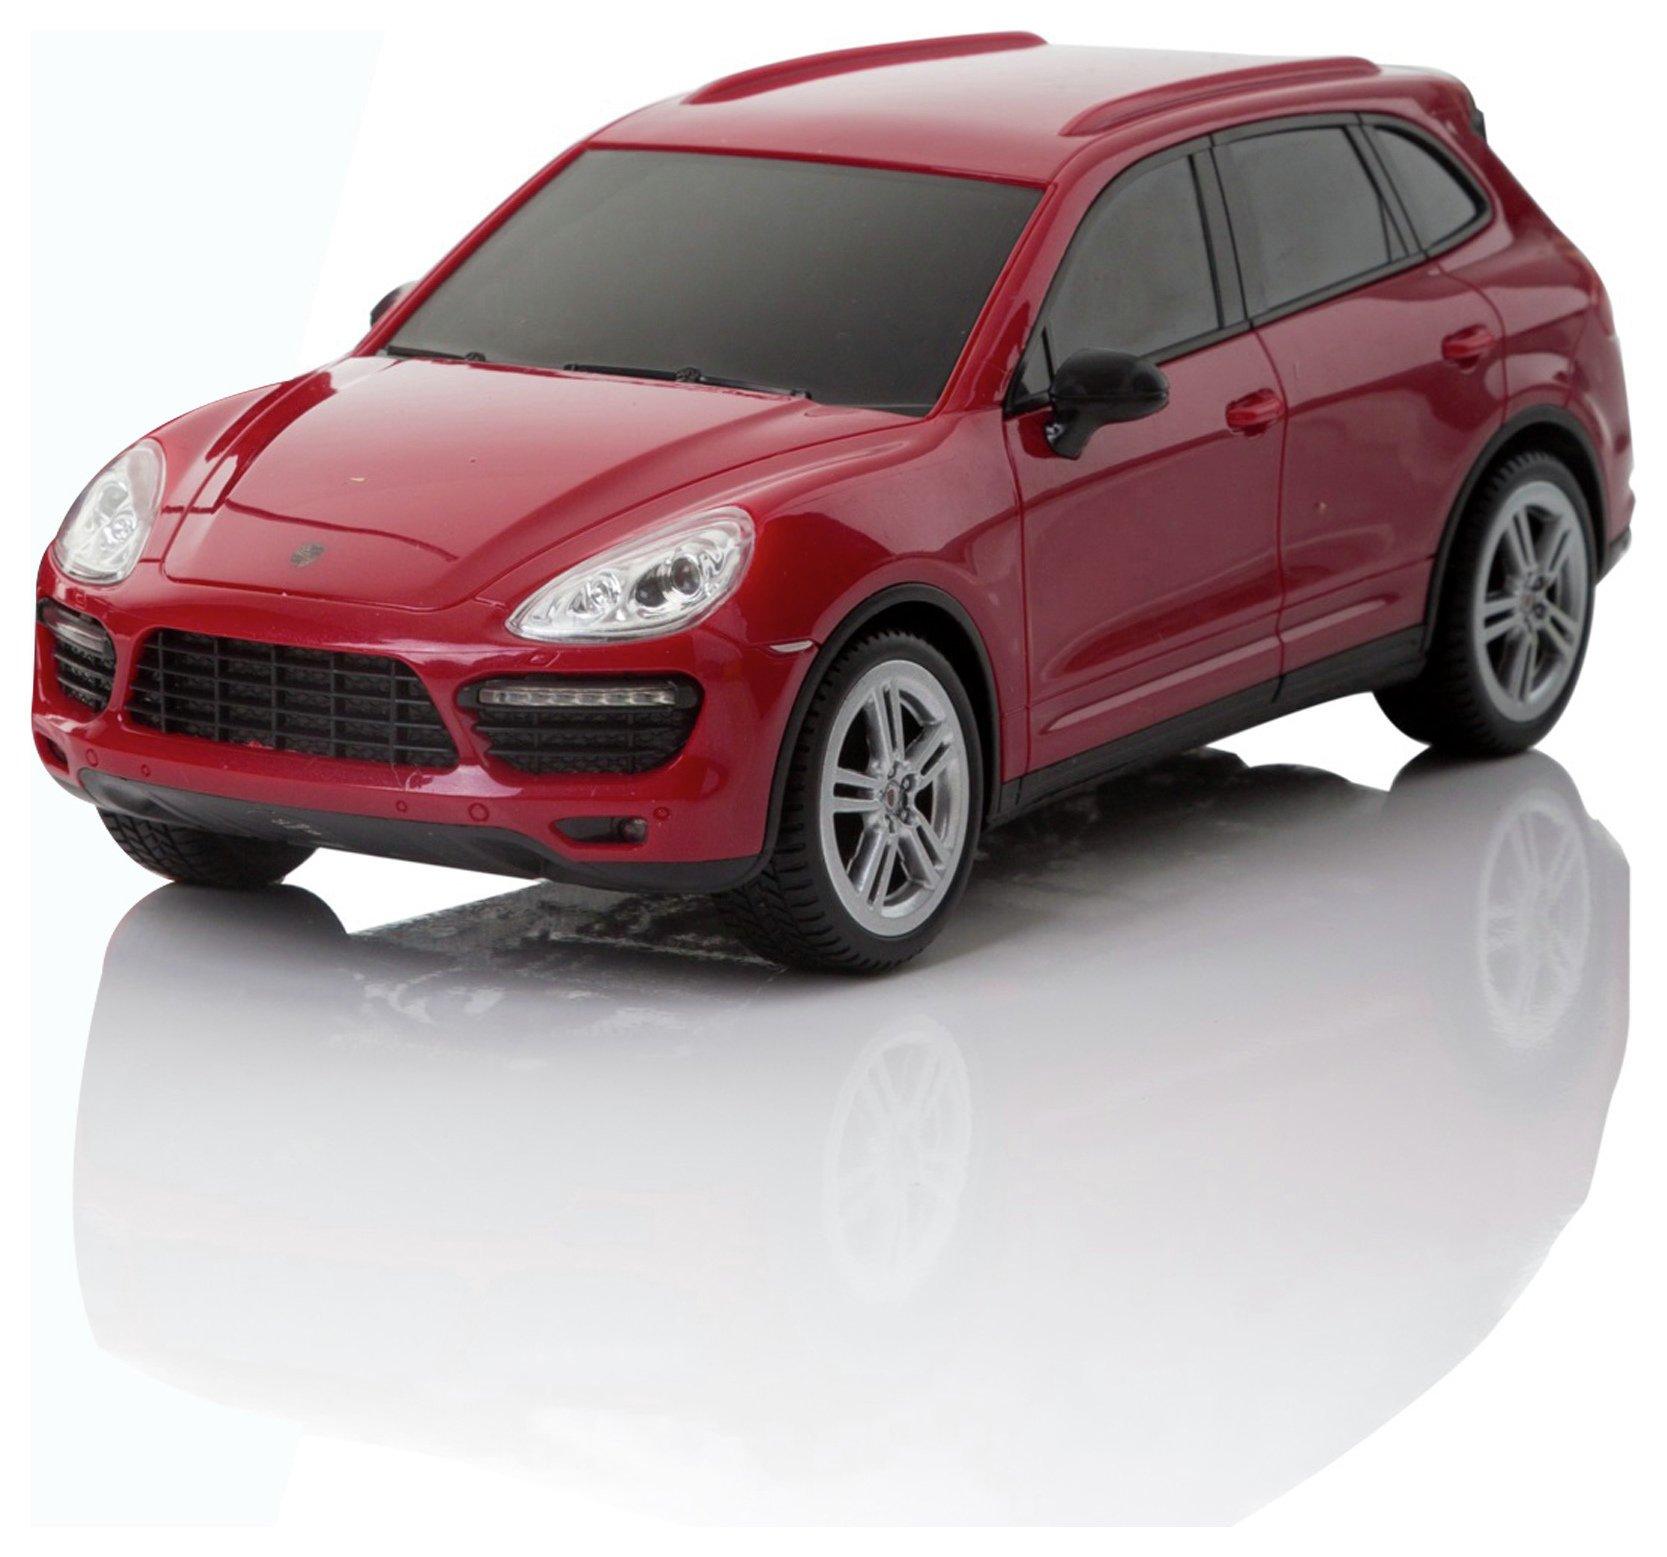 Porsche Cayenne 1:24 Remote Control Car - Red.